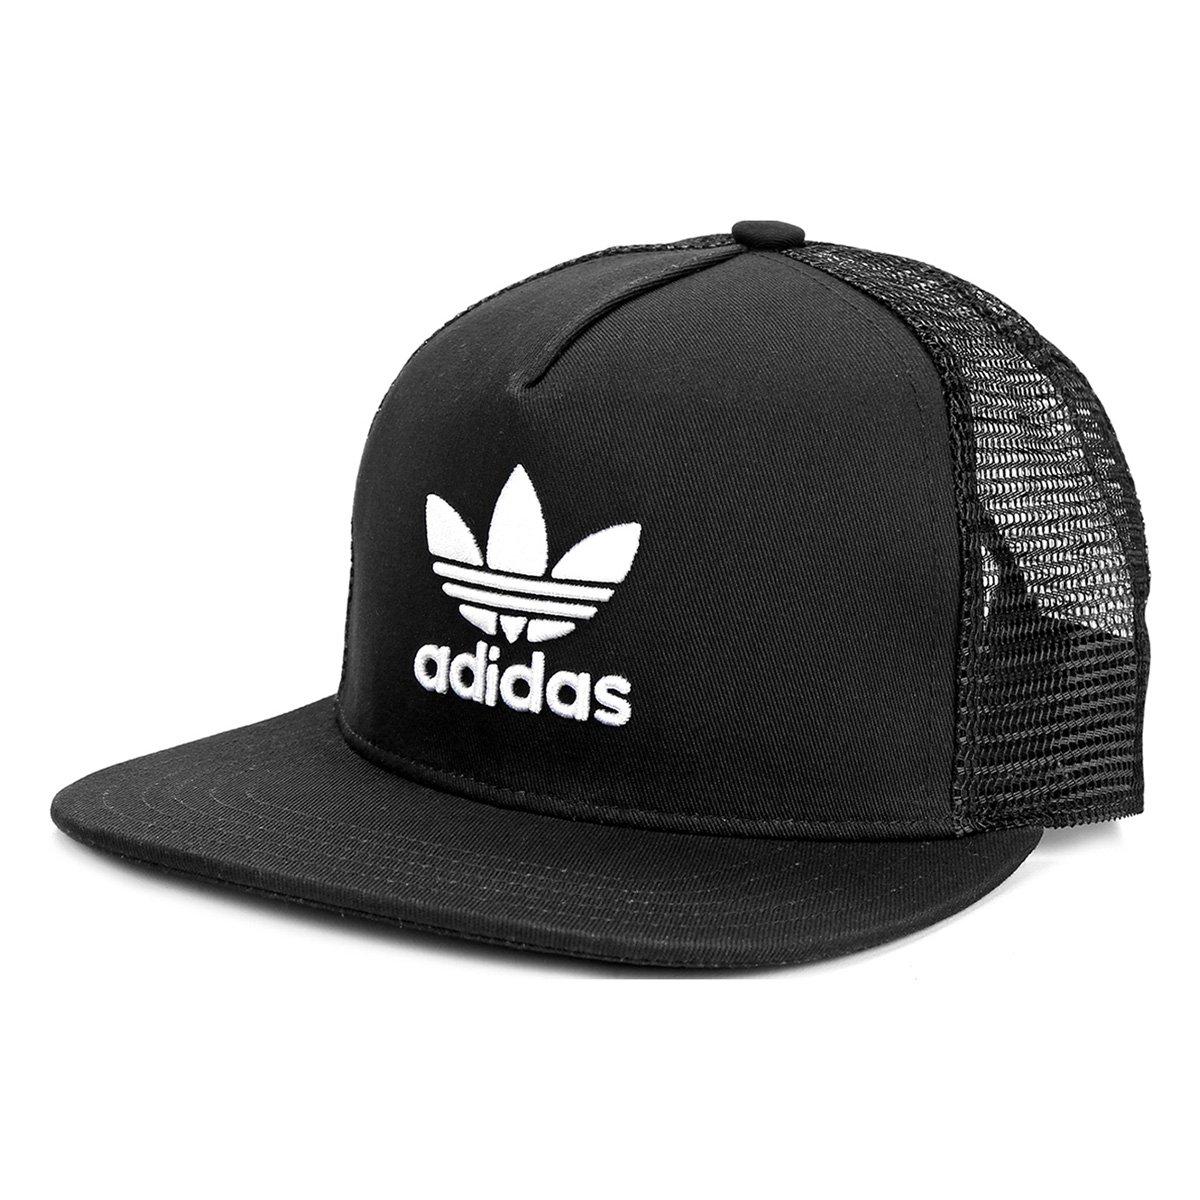 Boné Adidas Trefoil Flat - Compre Agora  f89726627b5